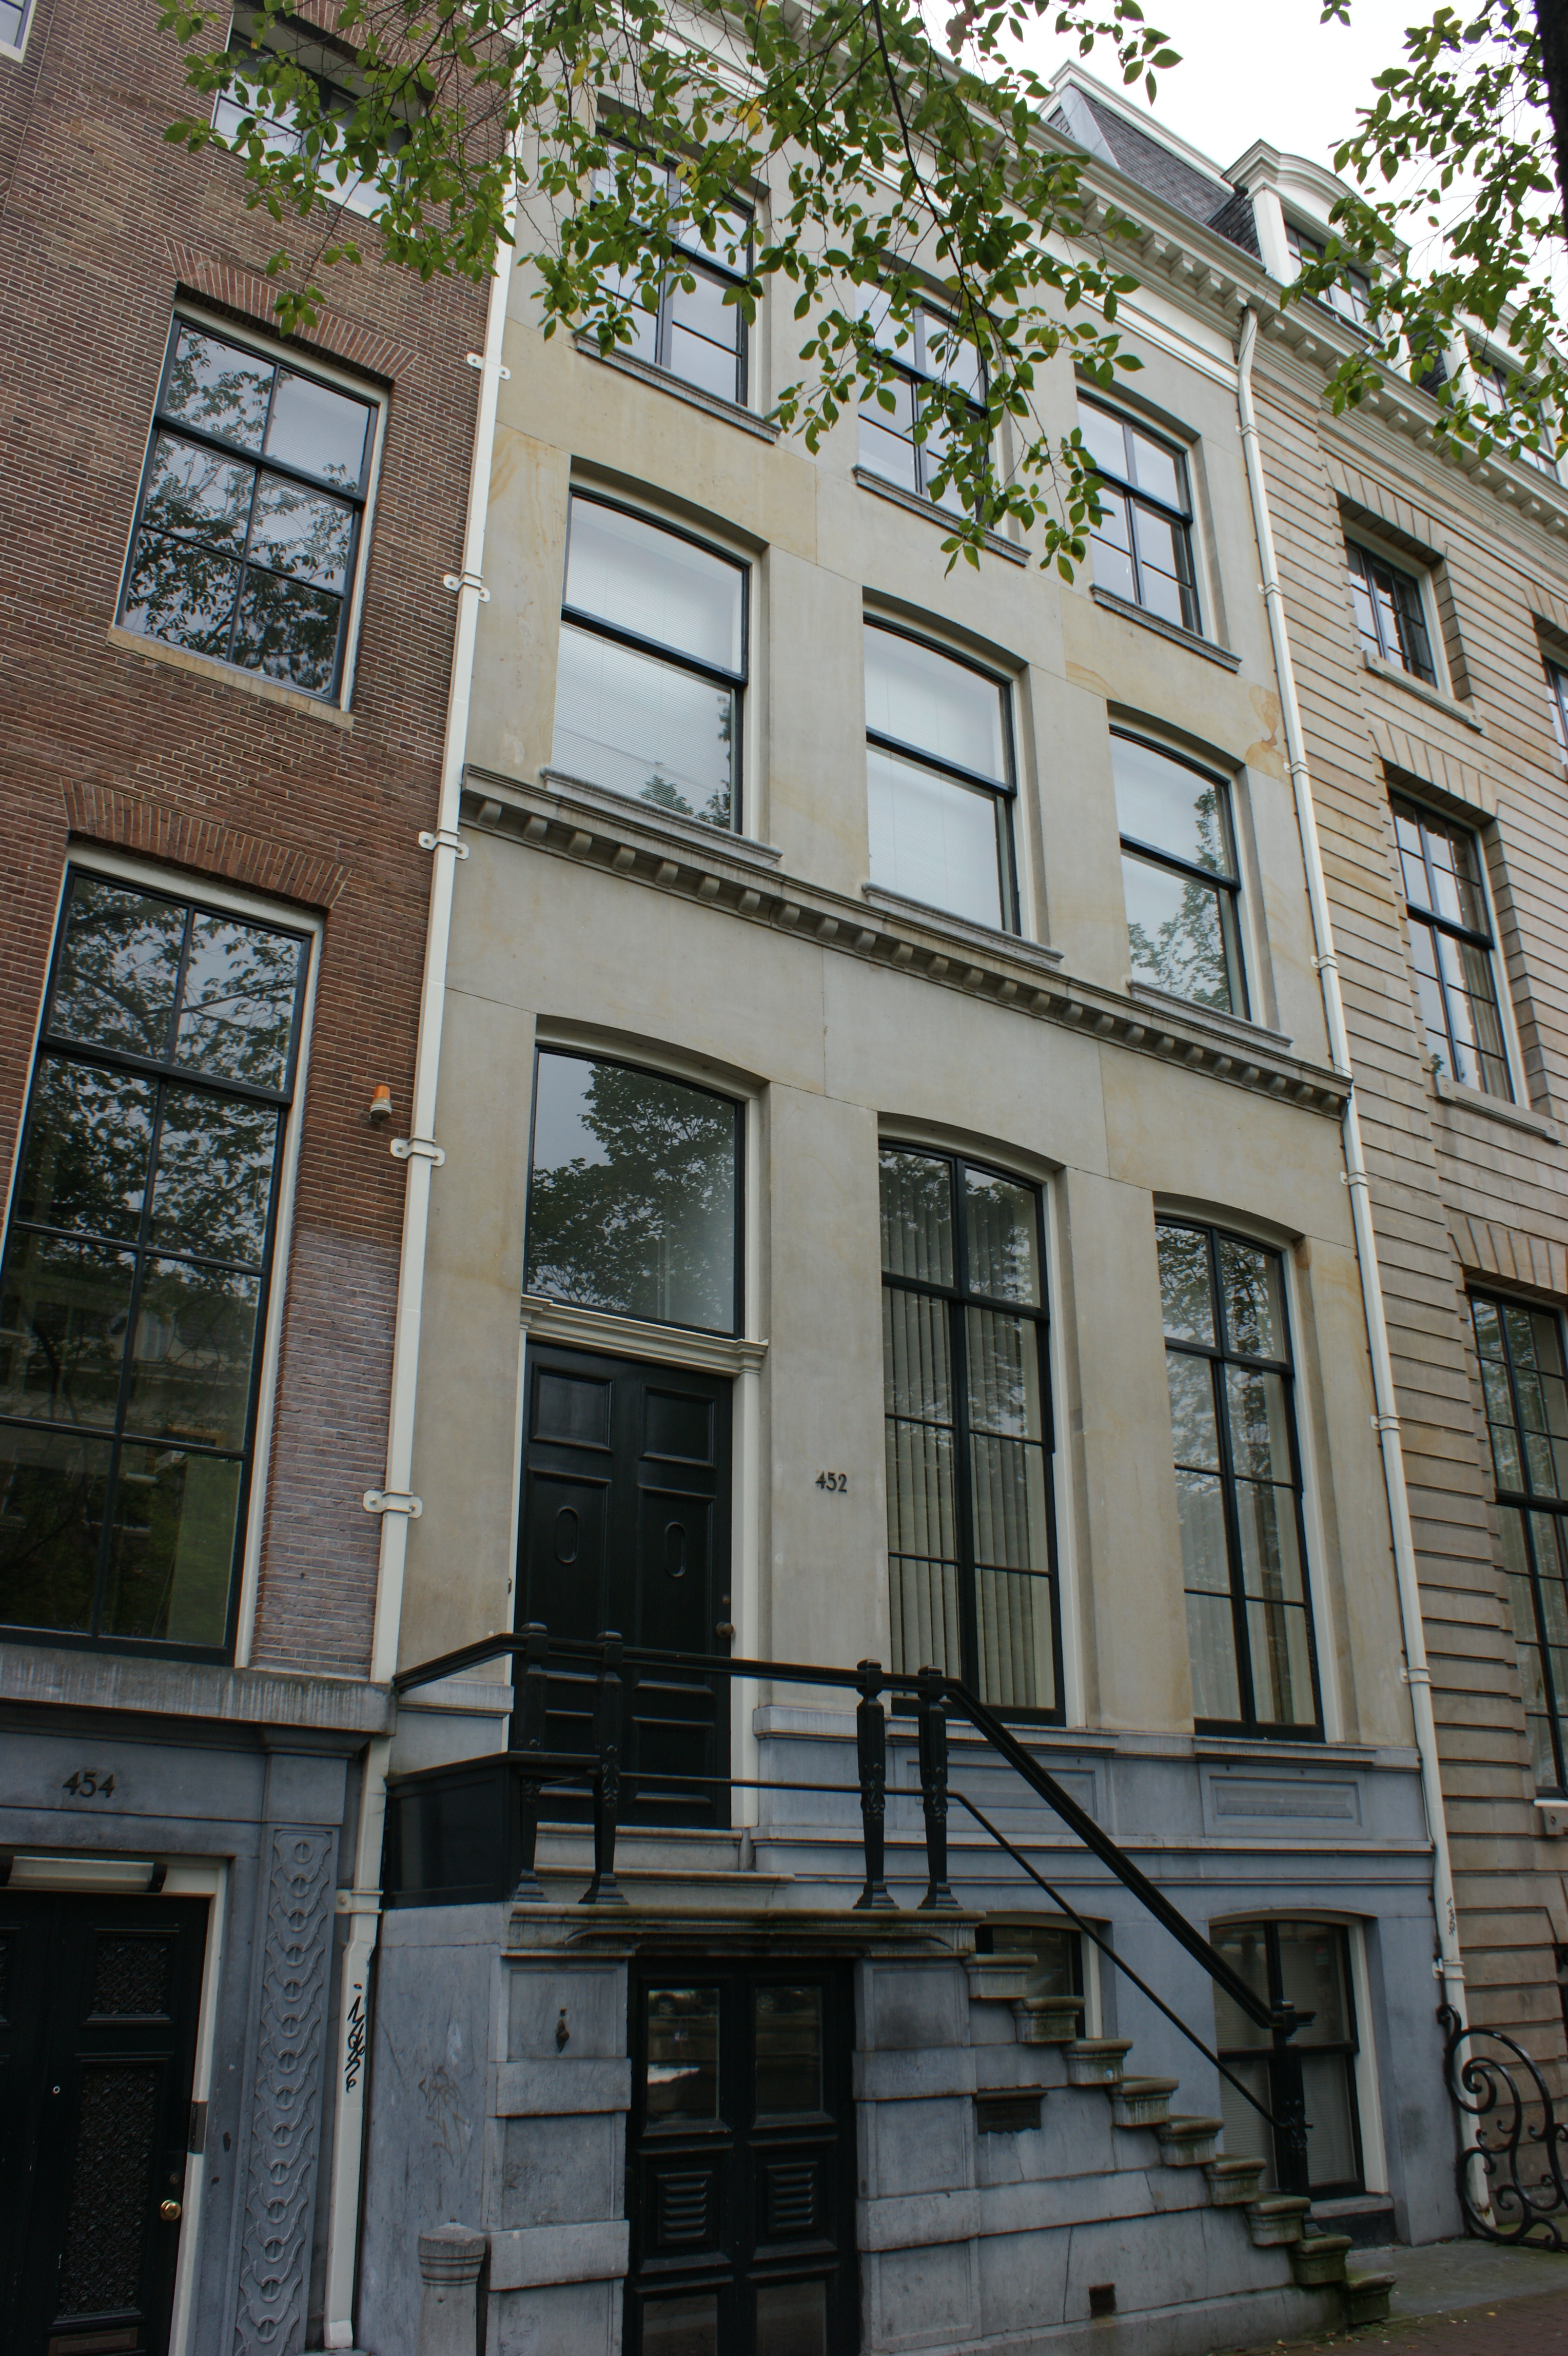 huis met zandstenen gevel onder rechte lijst in amsterdam